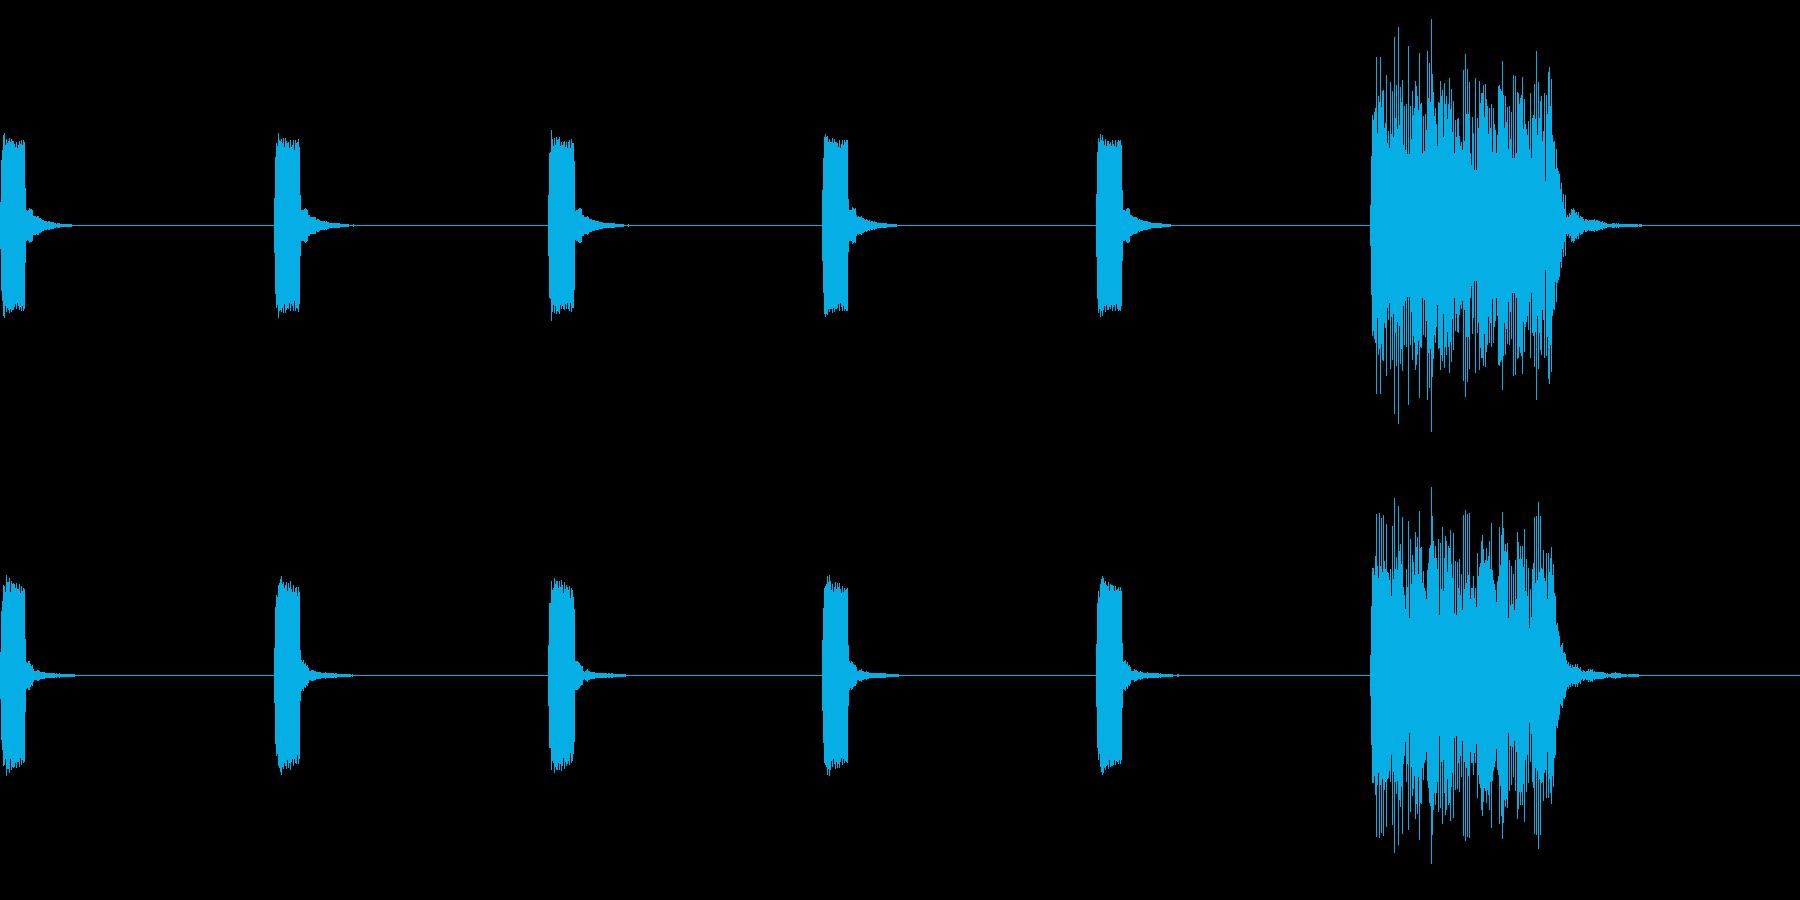 ピッピ(カウントダウン・アラーム・警告)の再生済みの波形